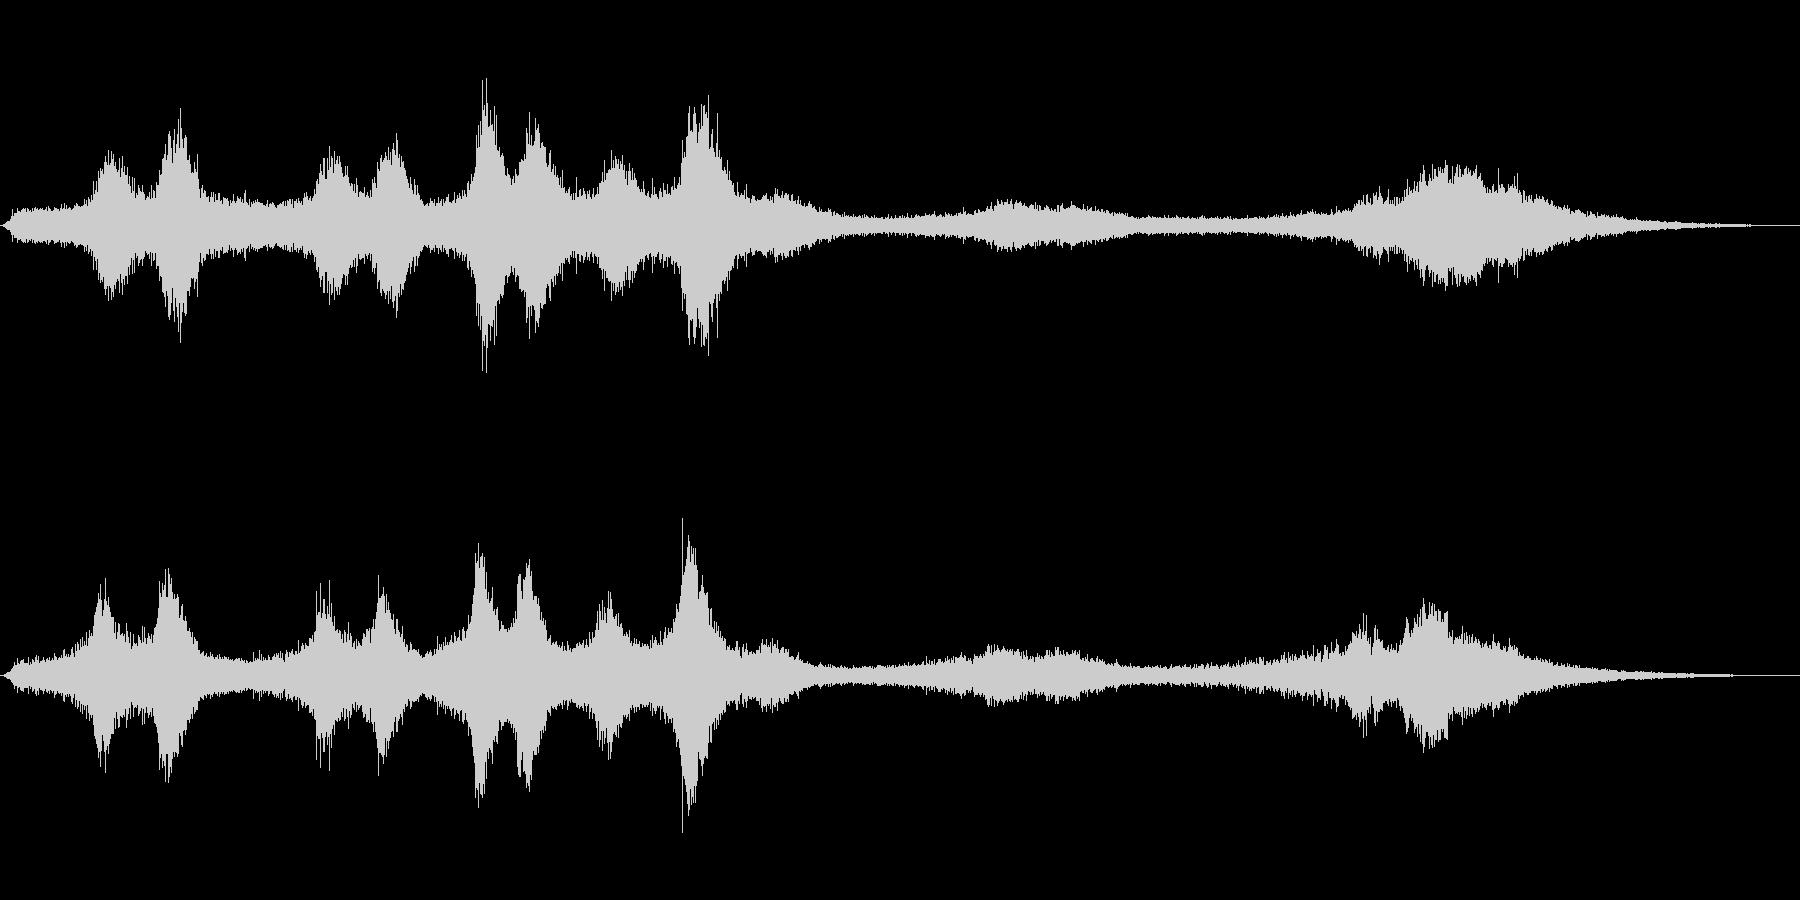 【生録音】 早朝の街 交通 環境音 25の未再生の波形